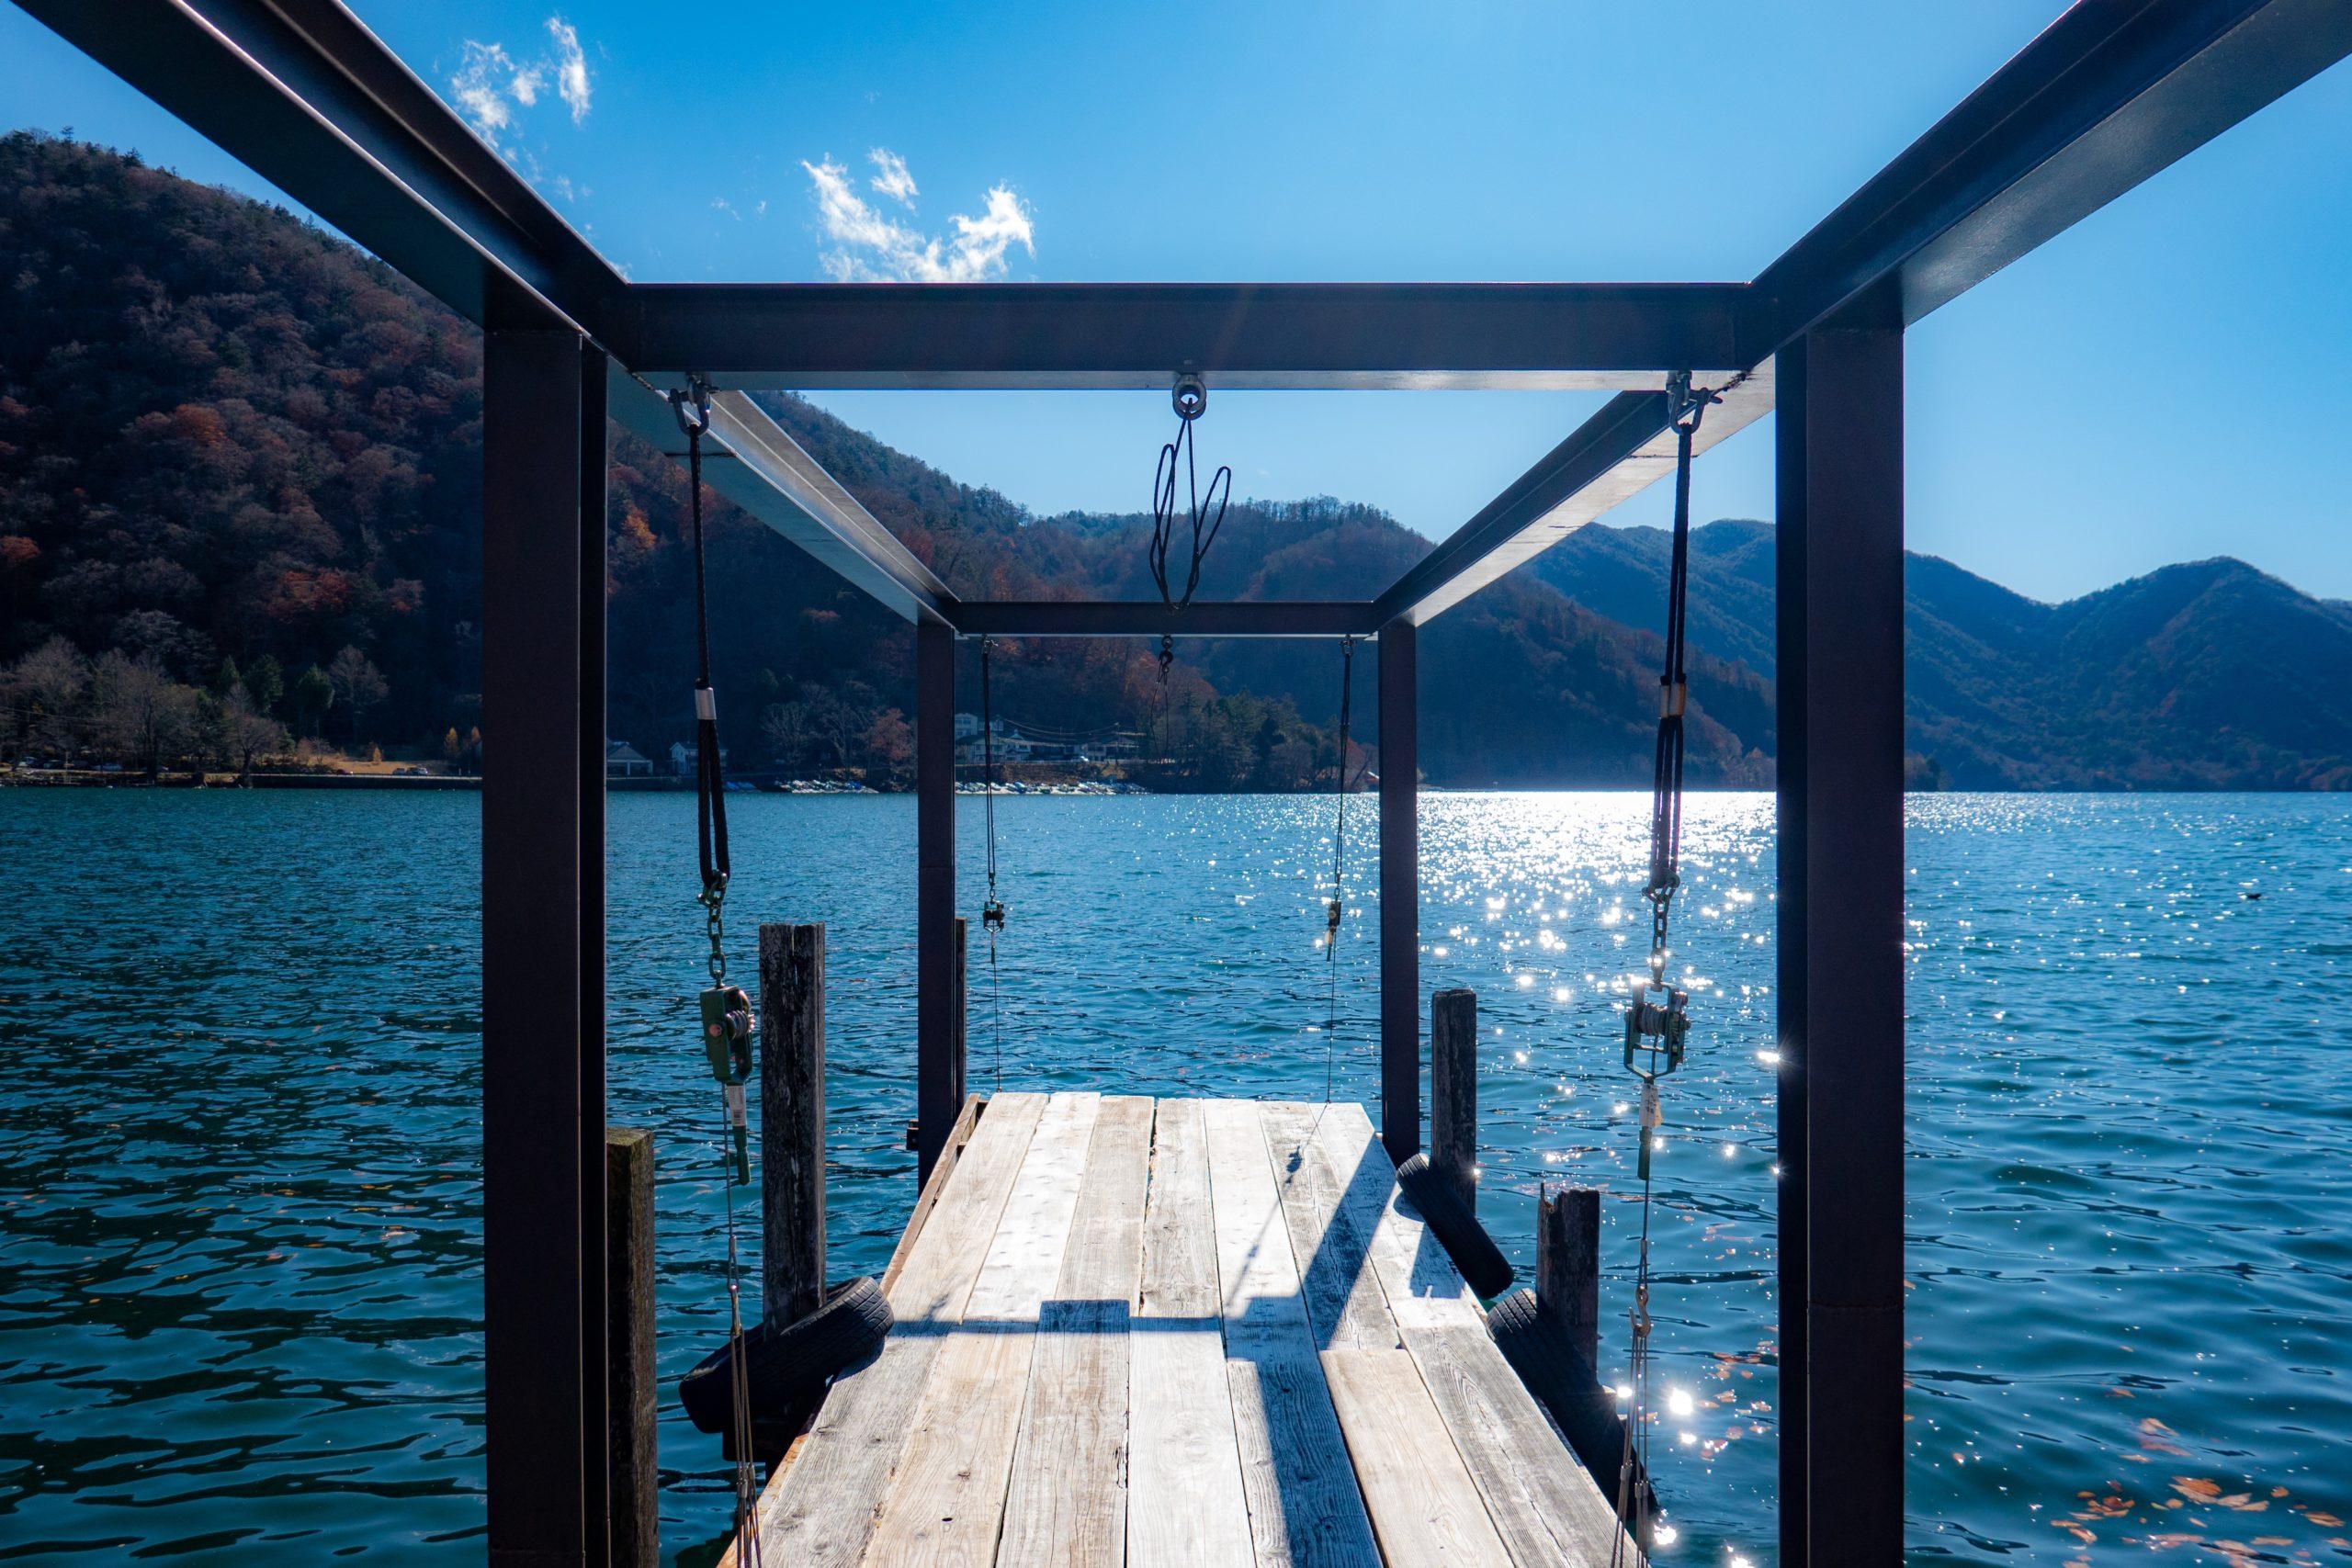 中禅寺湖周辺のおすすめ観光スポット5選。奥日光の玄関口を楽しもう!